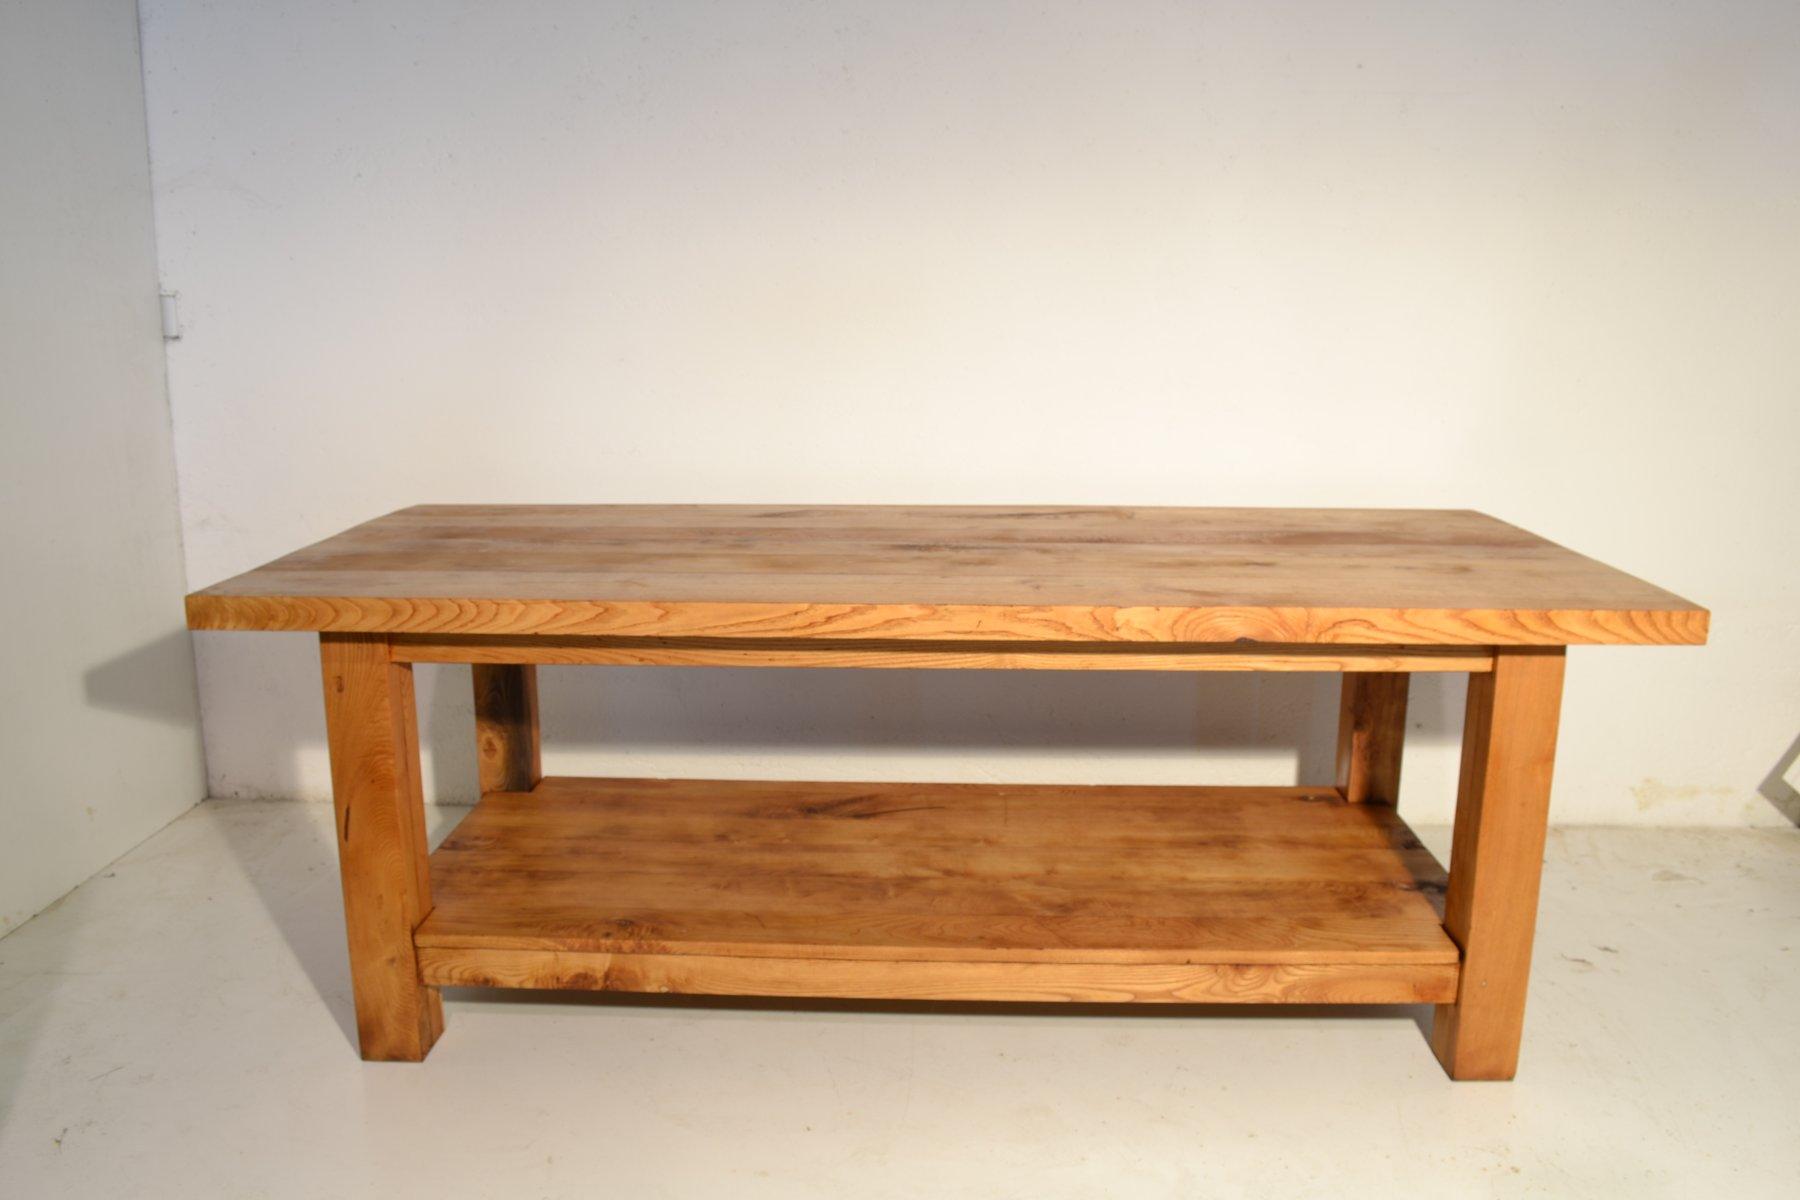 gro er italienischer vintage eichenholz tisch bei pamono kaufen. Black Bedroom Furniture Sets. Home Design Ideas